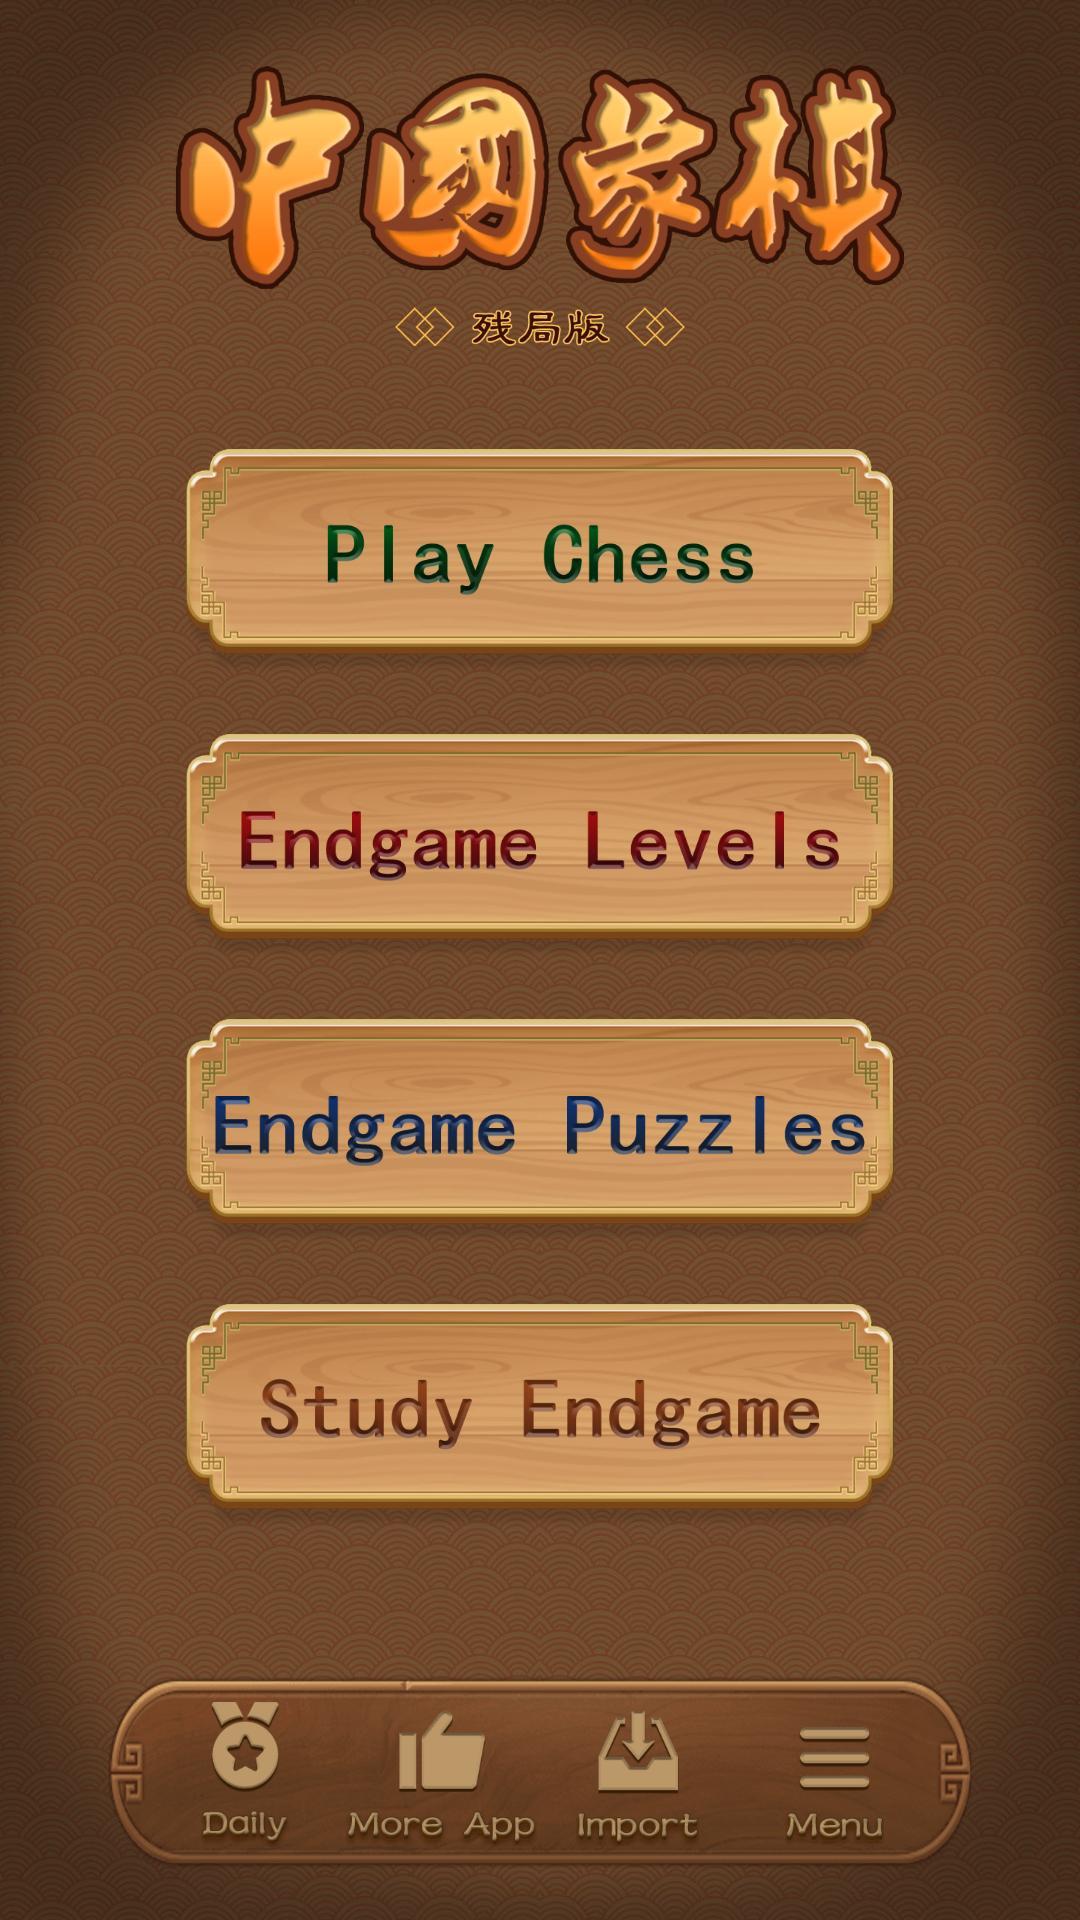 Chinese Chess from beginner to master 1.6.2 Screenshot 2